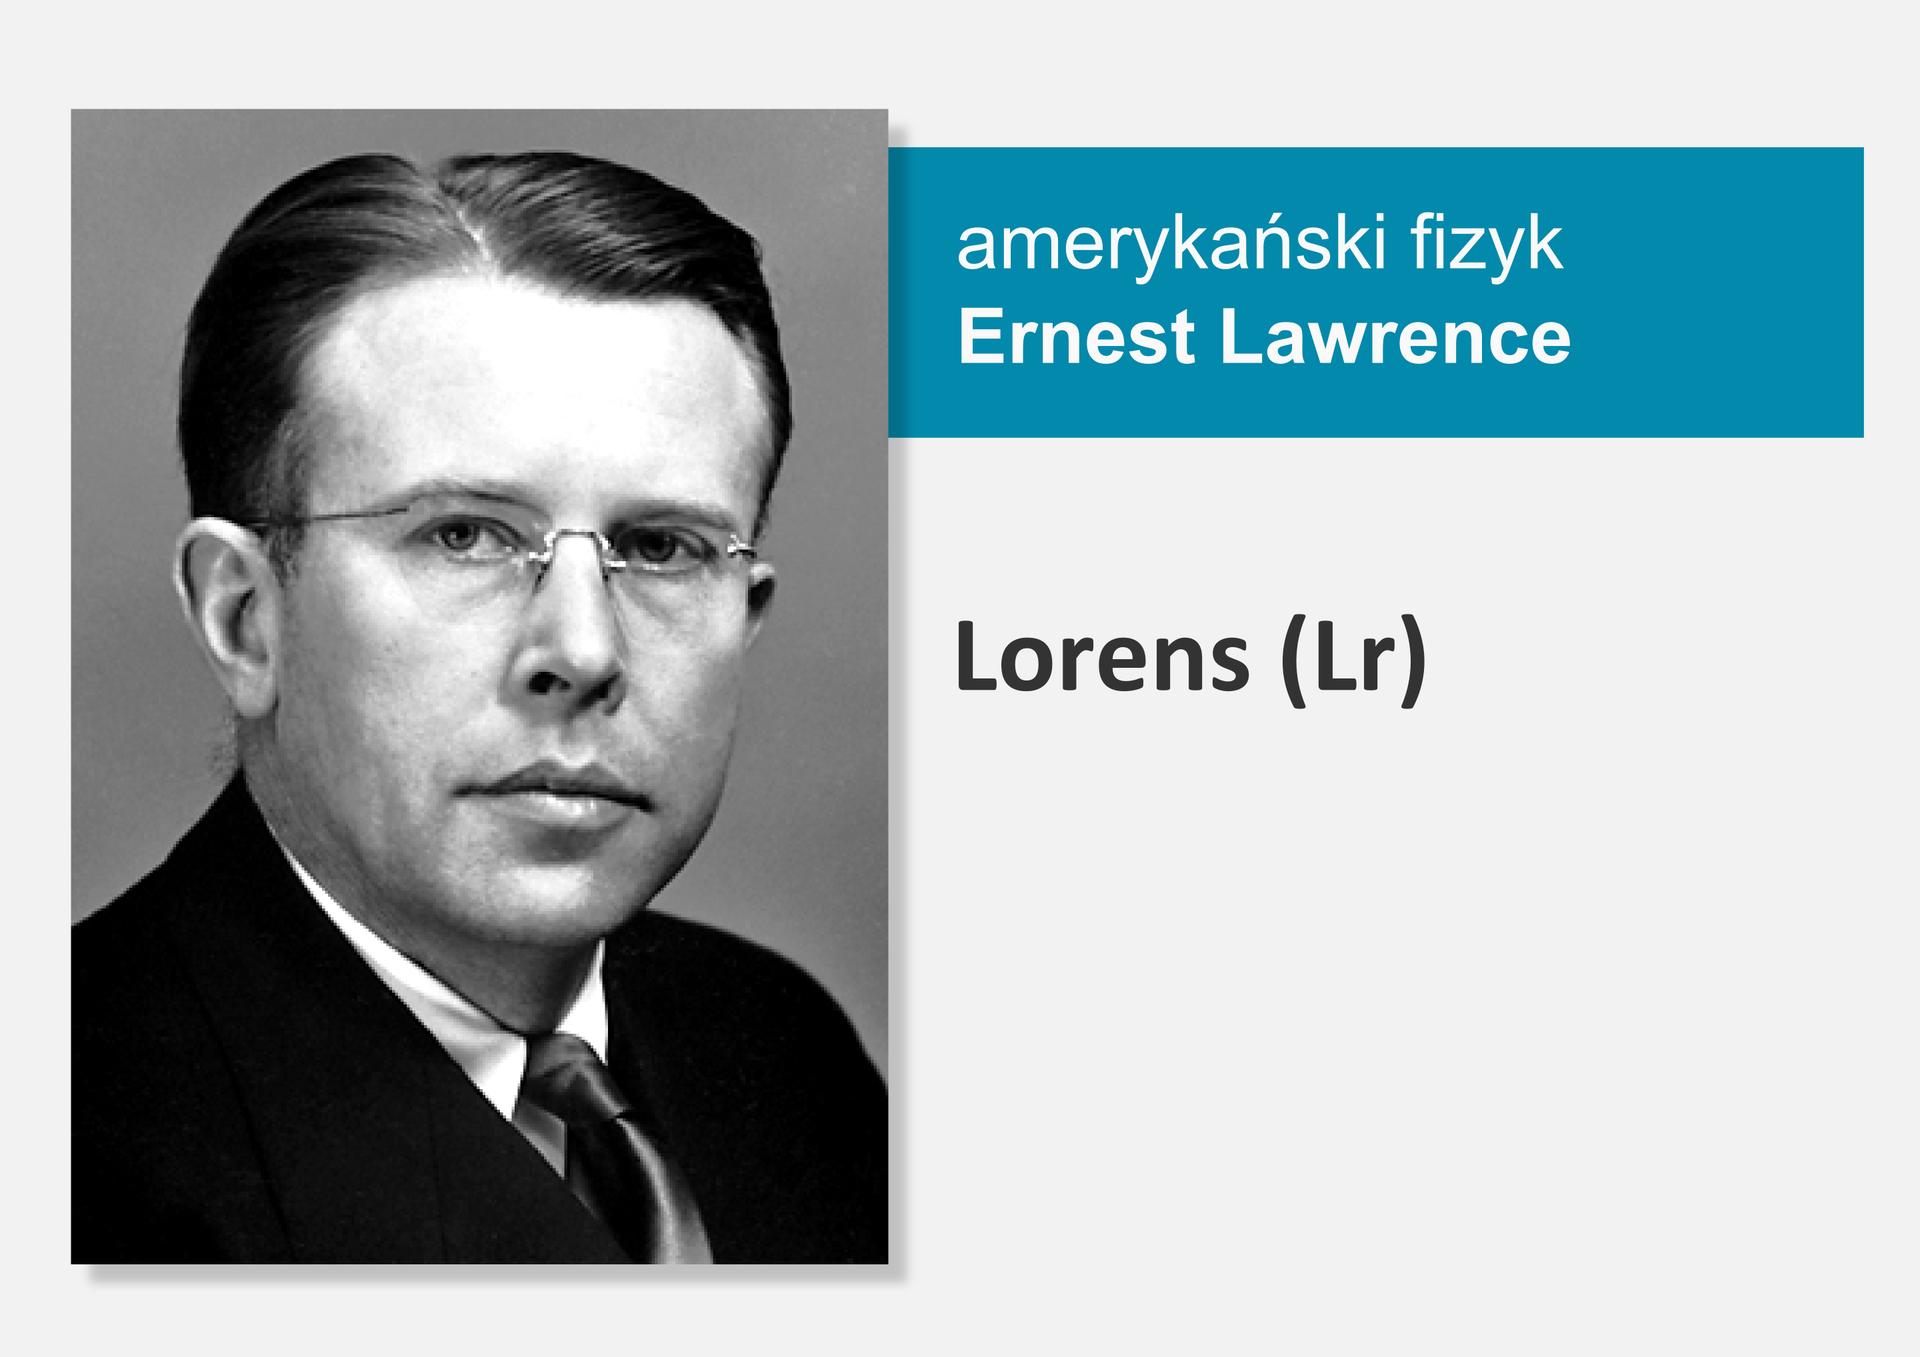 Fotografia amerykańskiego fizyka Ernesta Lawrence'a, obok nazwa isymbol pierwiastka Lorens (Lr)